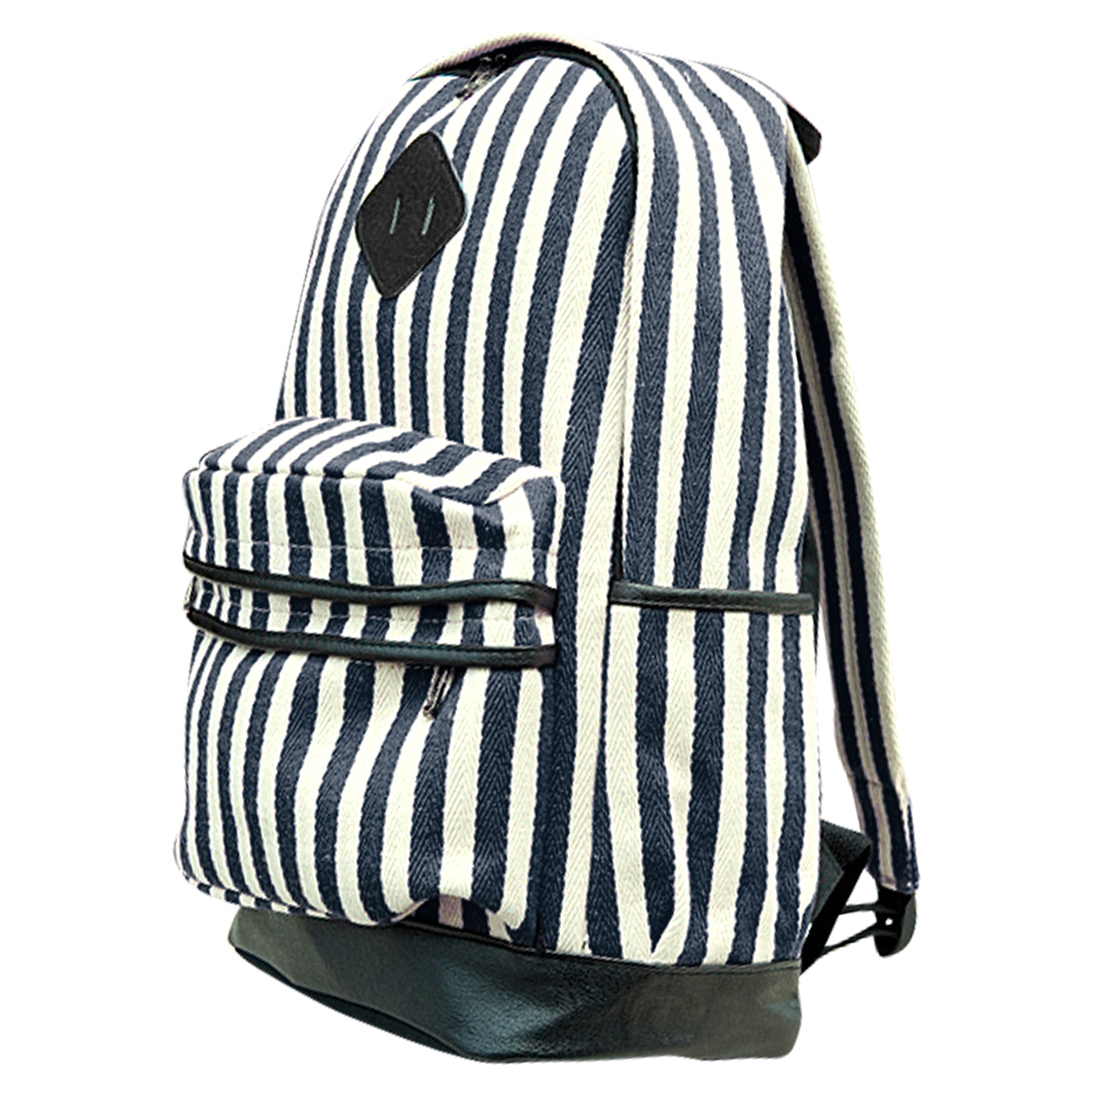 Men Padded Straps Zippered Pockets Stripes Backpack Navy Blue White